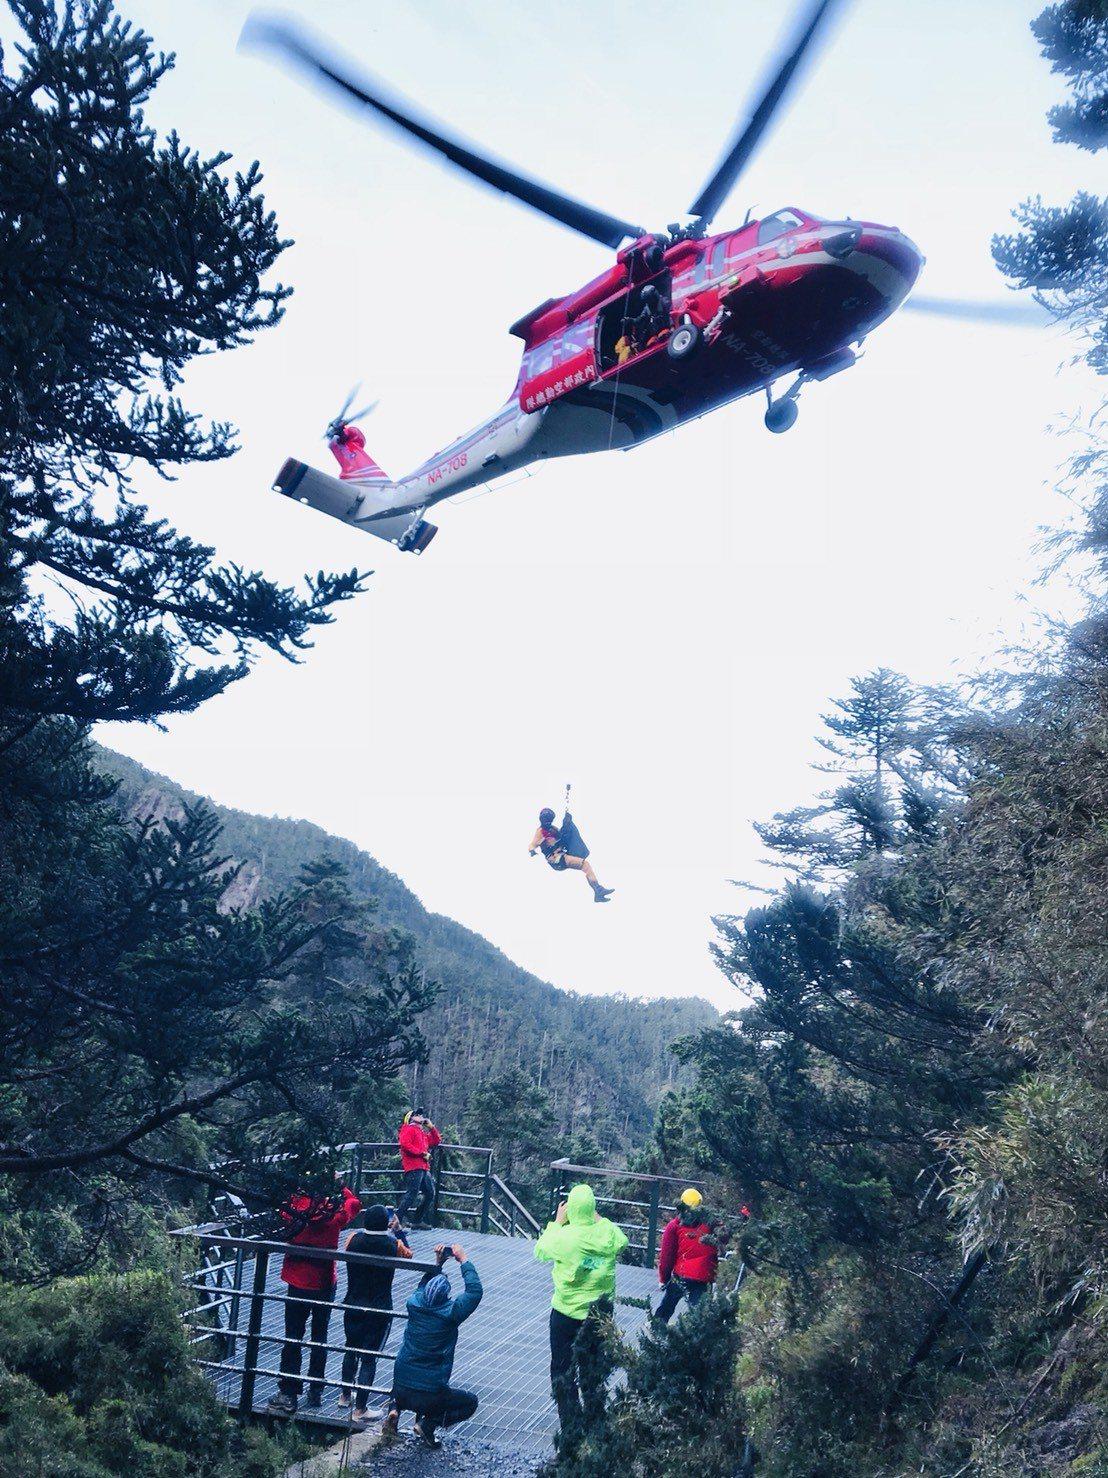 空勤總隊直升機上午出動黑鷹直升機,將受傷的山友吊掛救出。圖/民眾提供